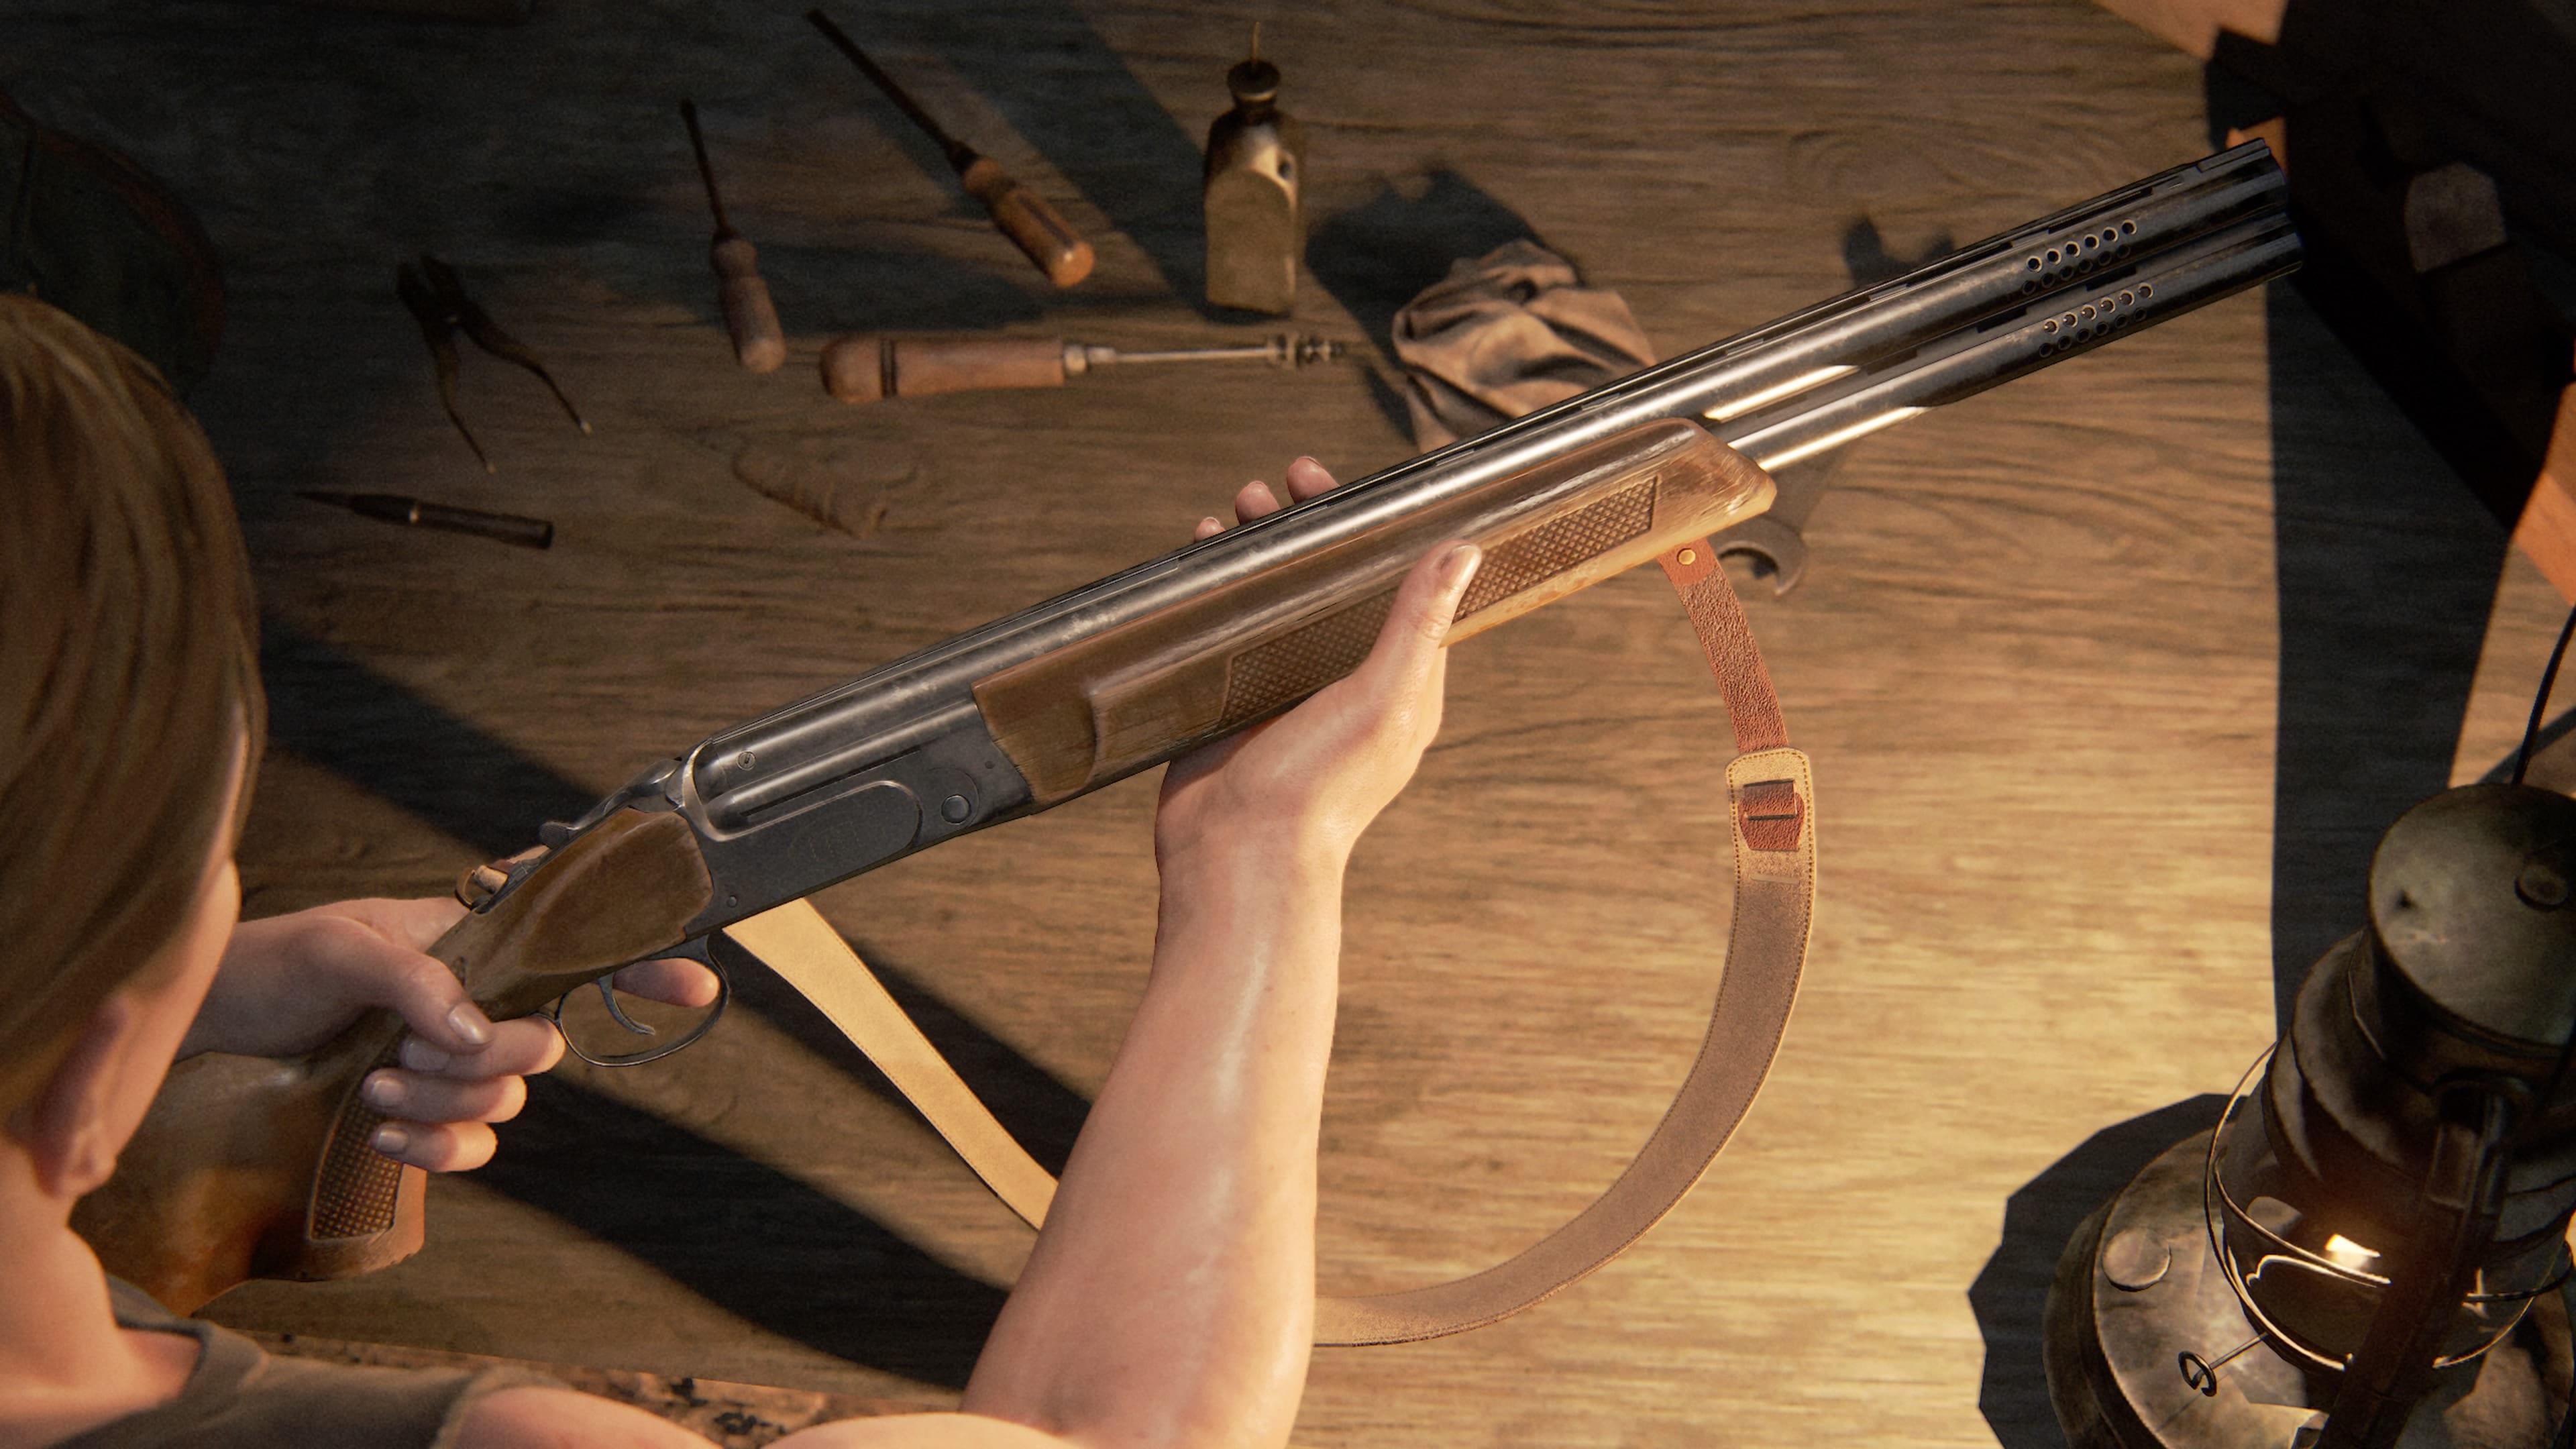 The Last of Us 2 Doppelläufige Schrotflinte